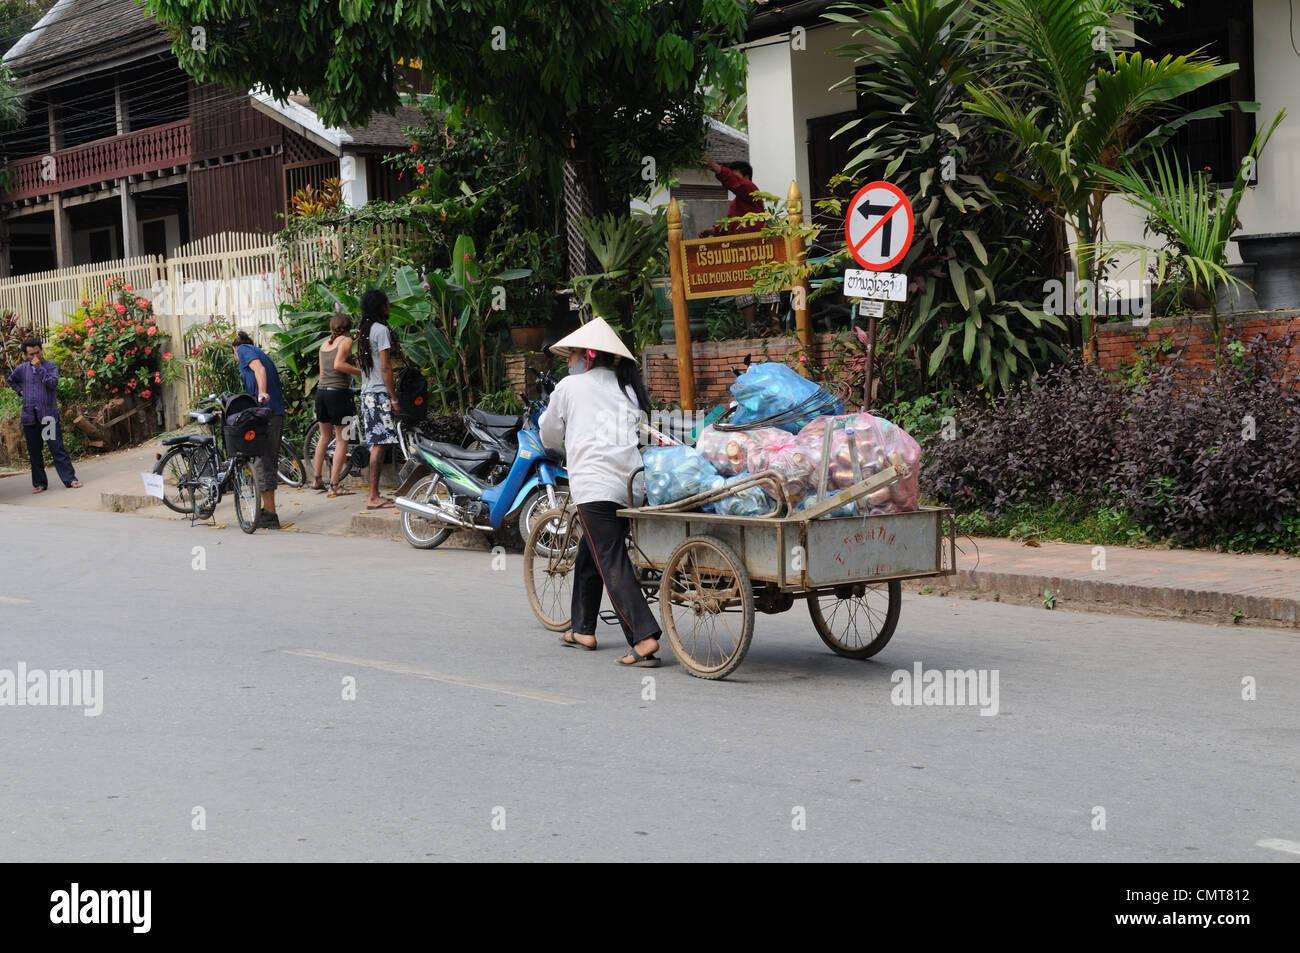 Lao Frau mit einem Fahrrad und Wagen um Luang Prabang Laos Müll sammeln Stockbild